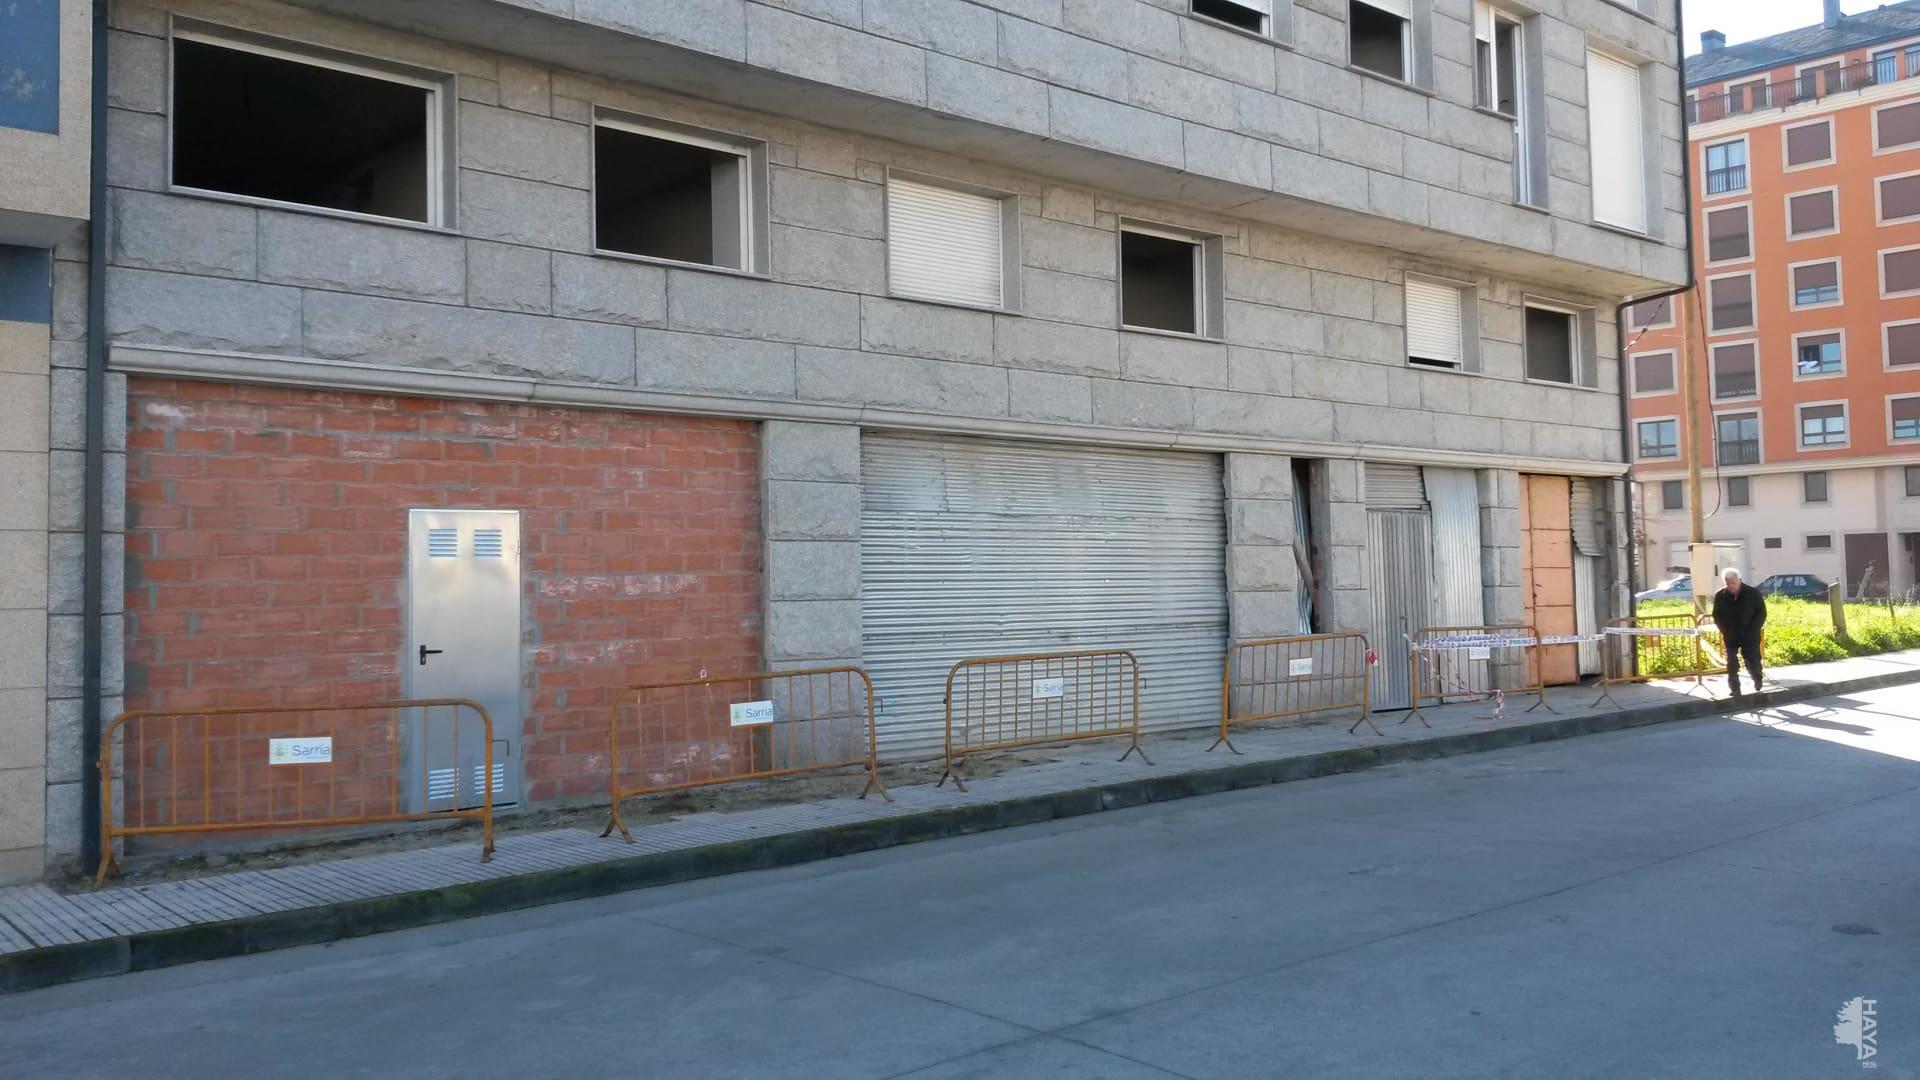 Local en venta en Sarria, Lugo, Calle Gran Via Alfonso Ix, 67.300 €, 366 m2